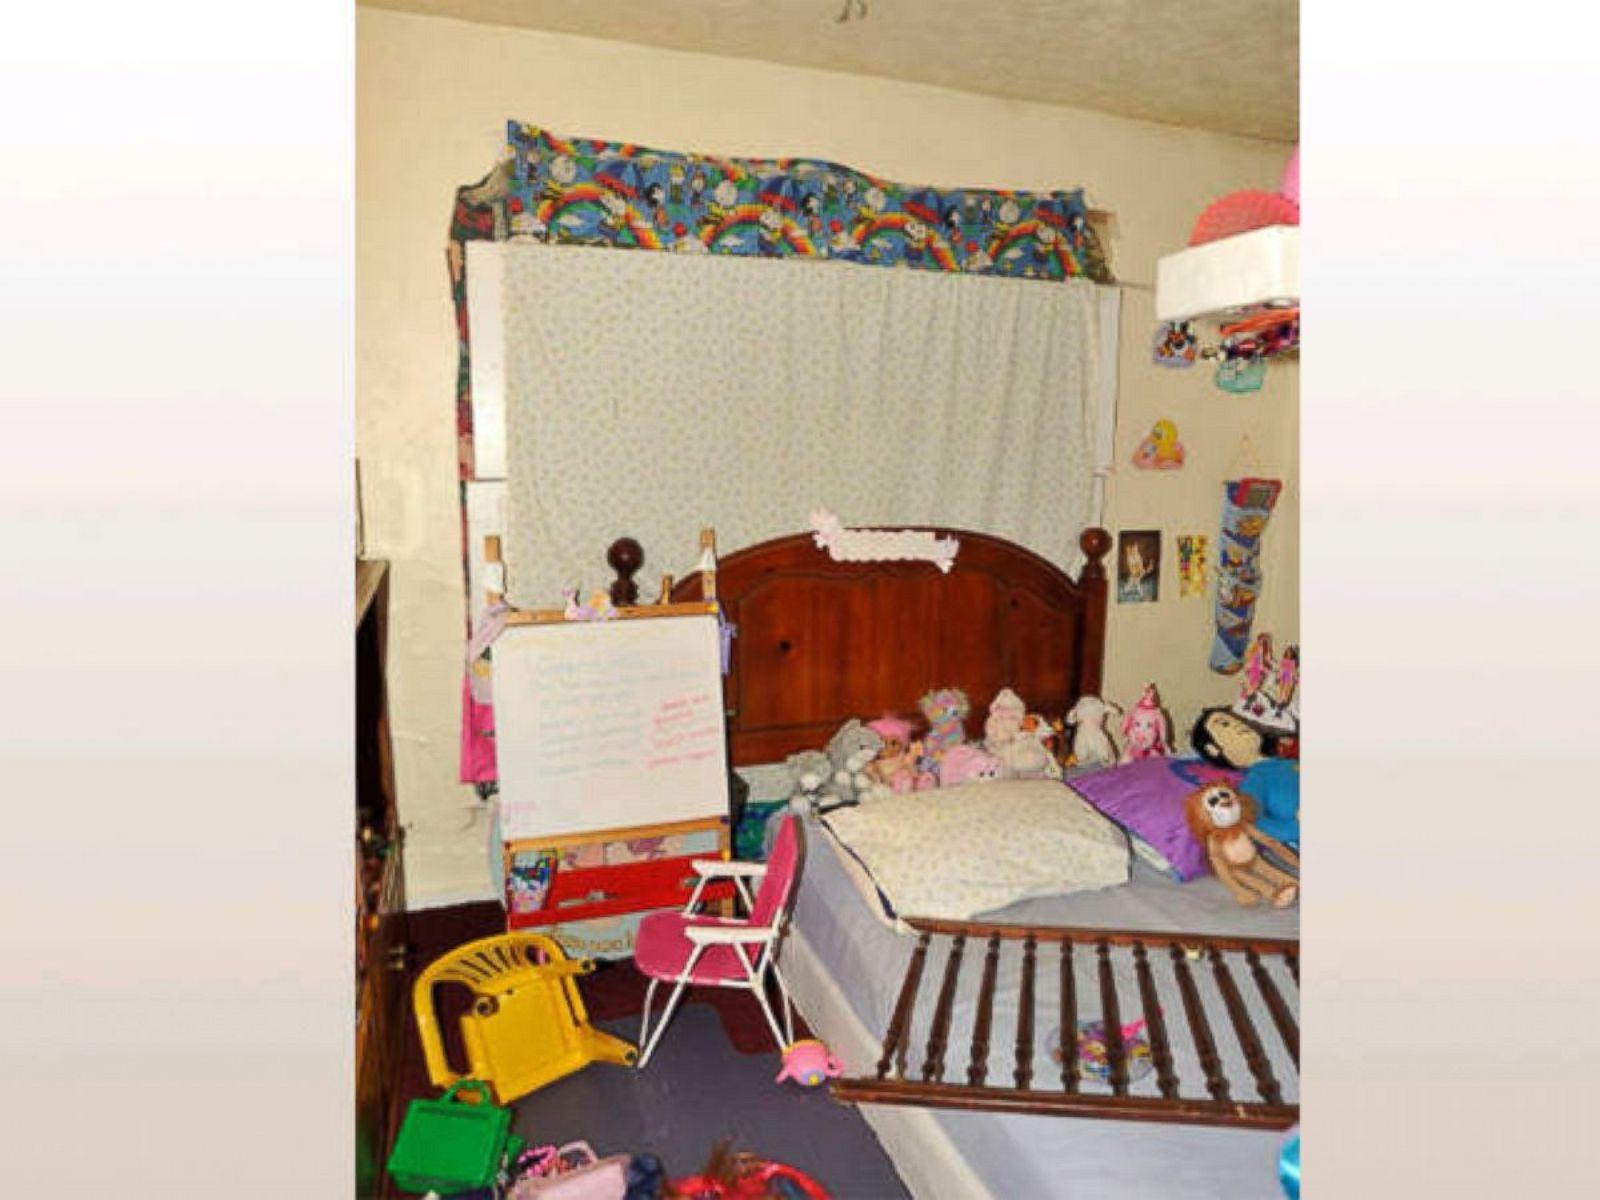 The Abduction Escape Room